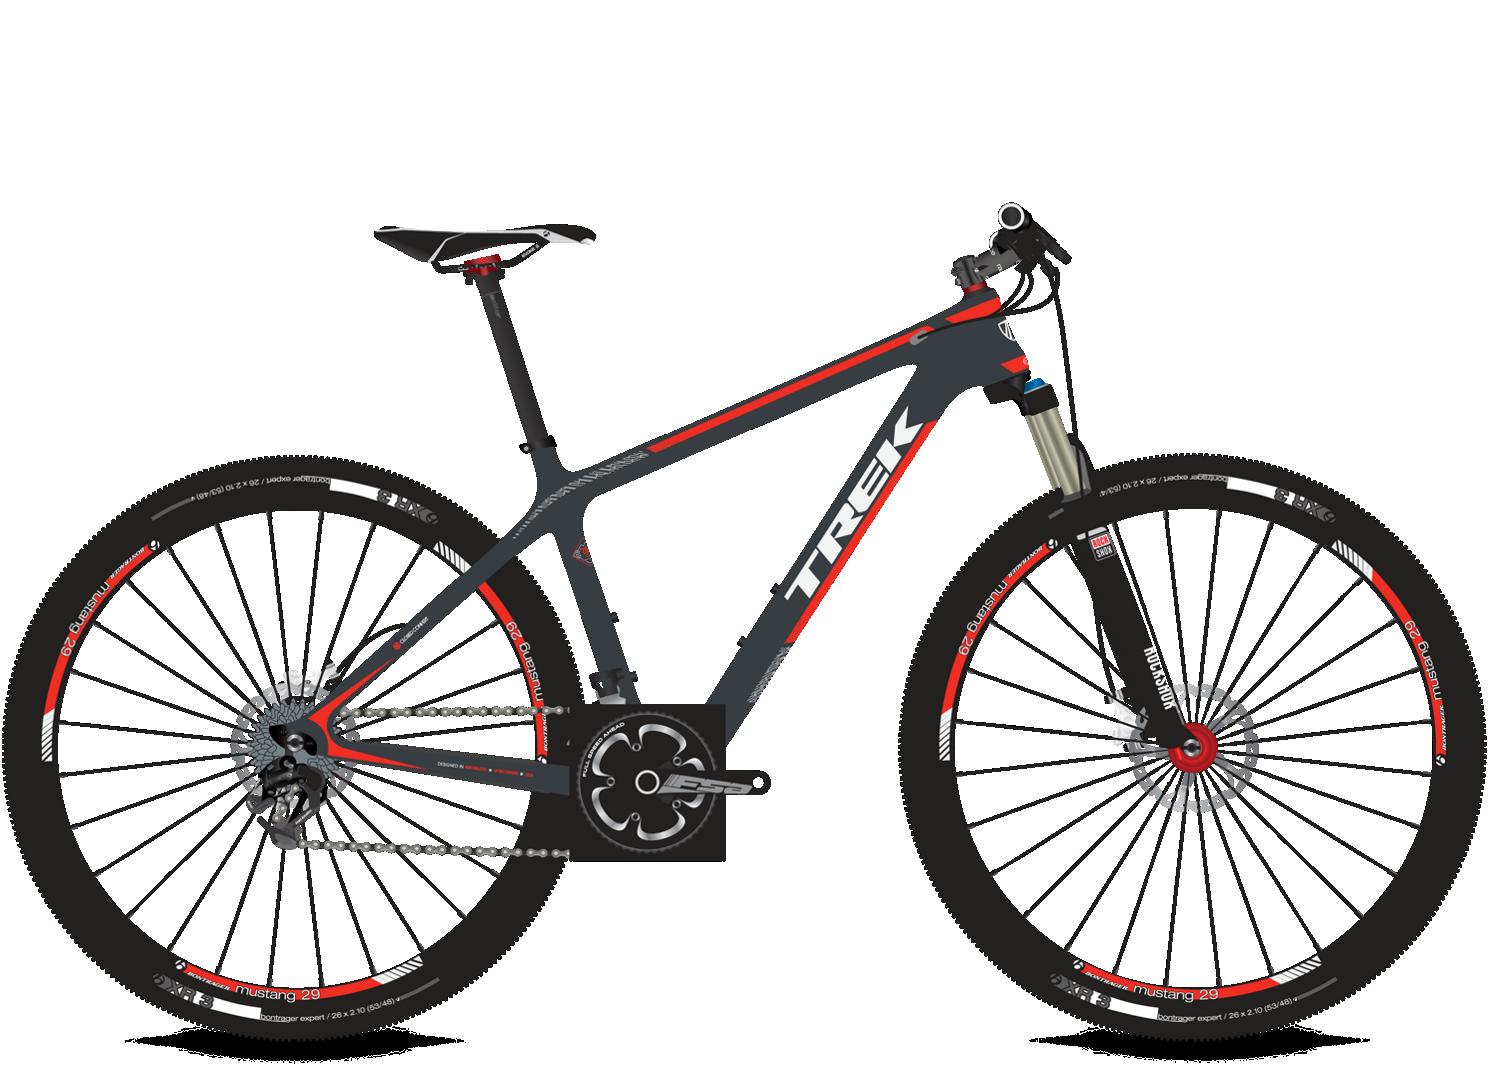 2014 Superfly 9 6 Bike Archive Trek Bicycle